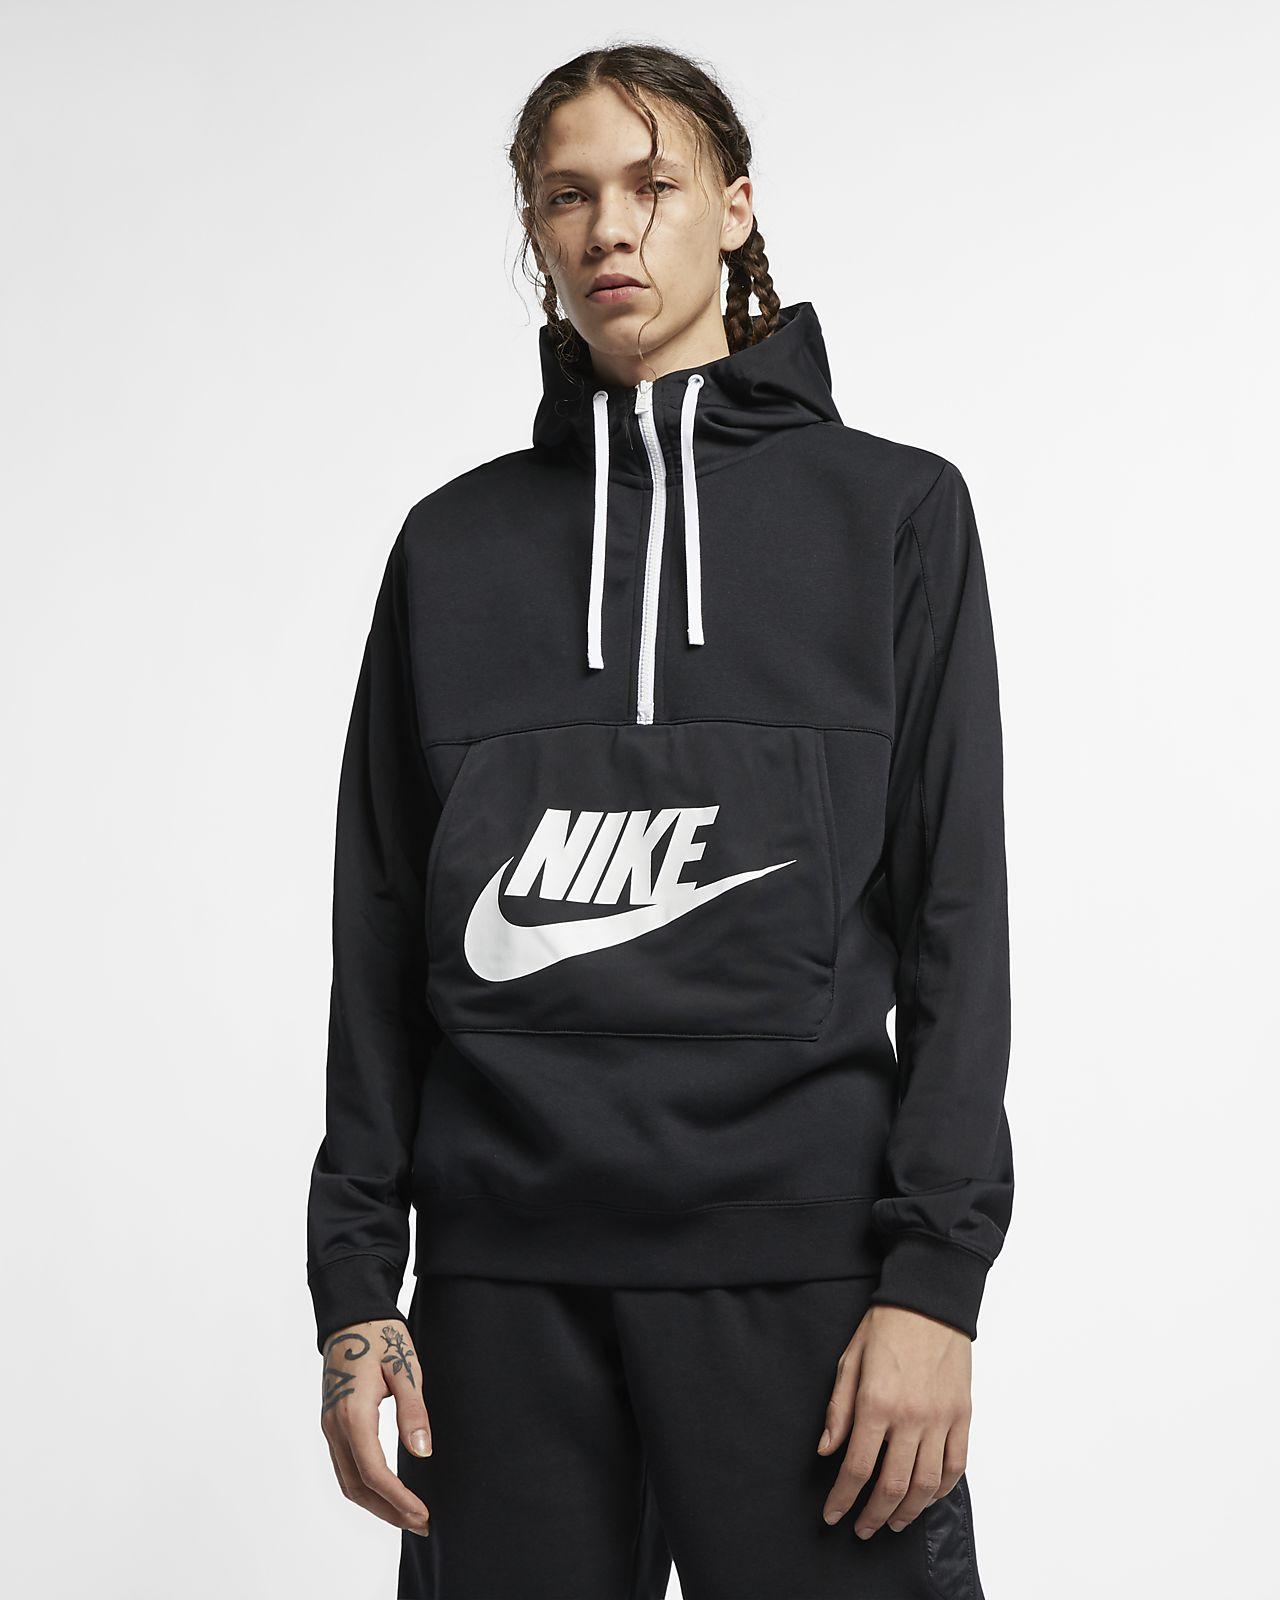 Felpa con cappuccio e zip a metà lunghezza Nike Sportswear - Uomo